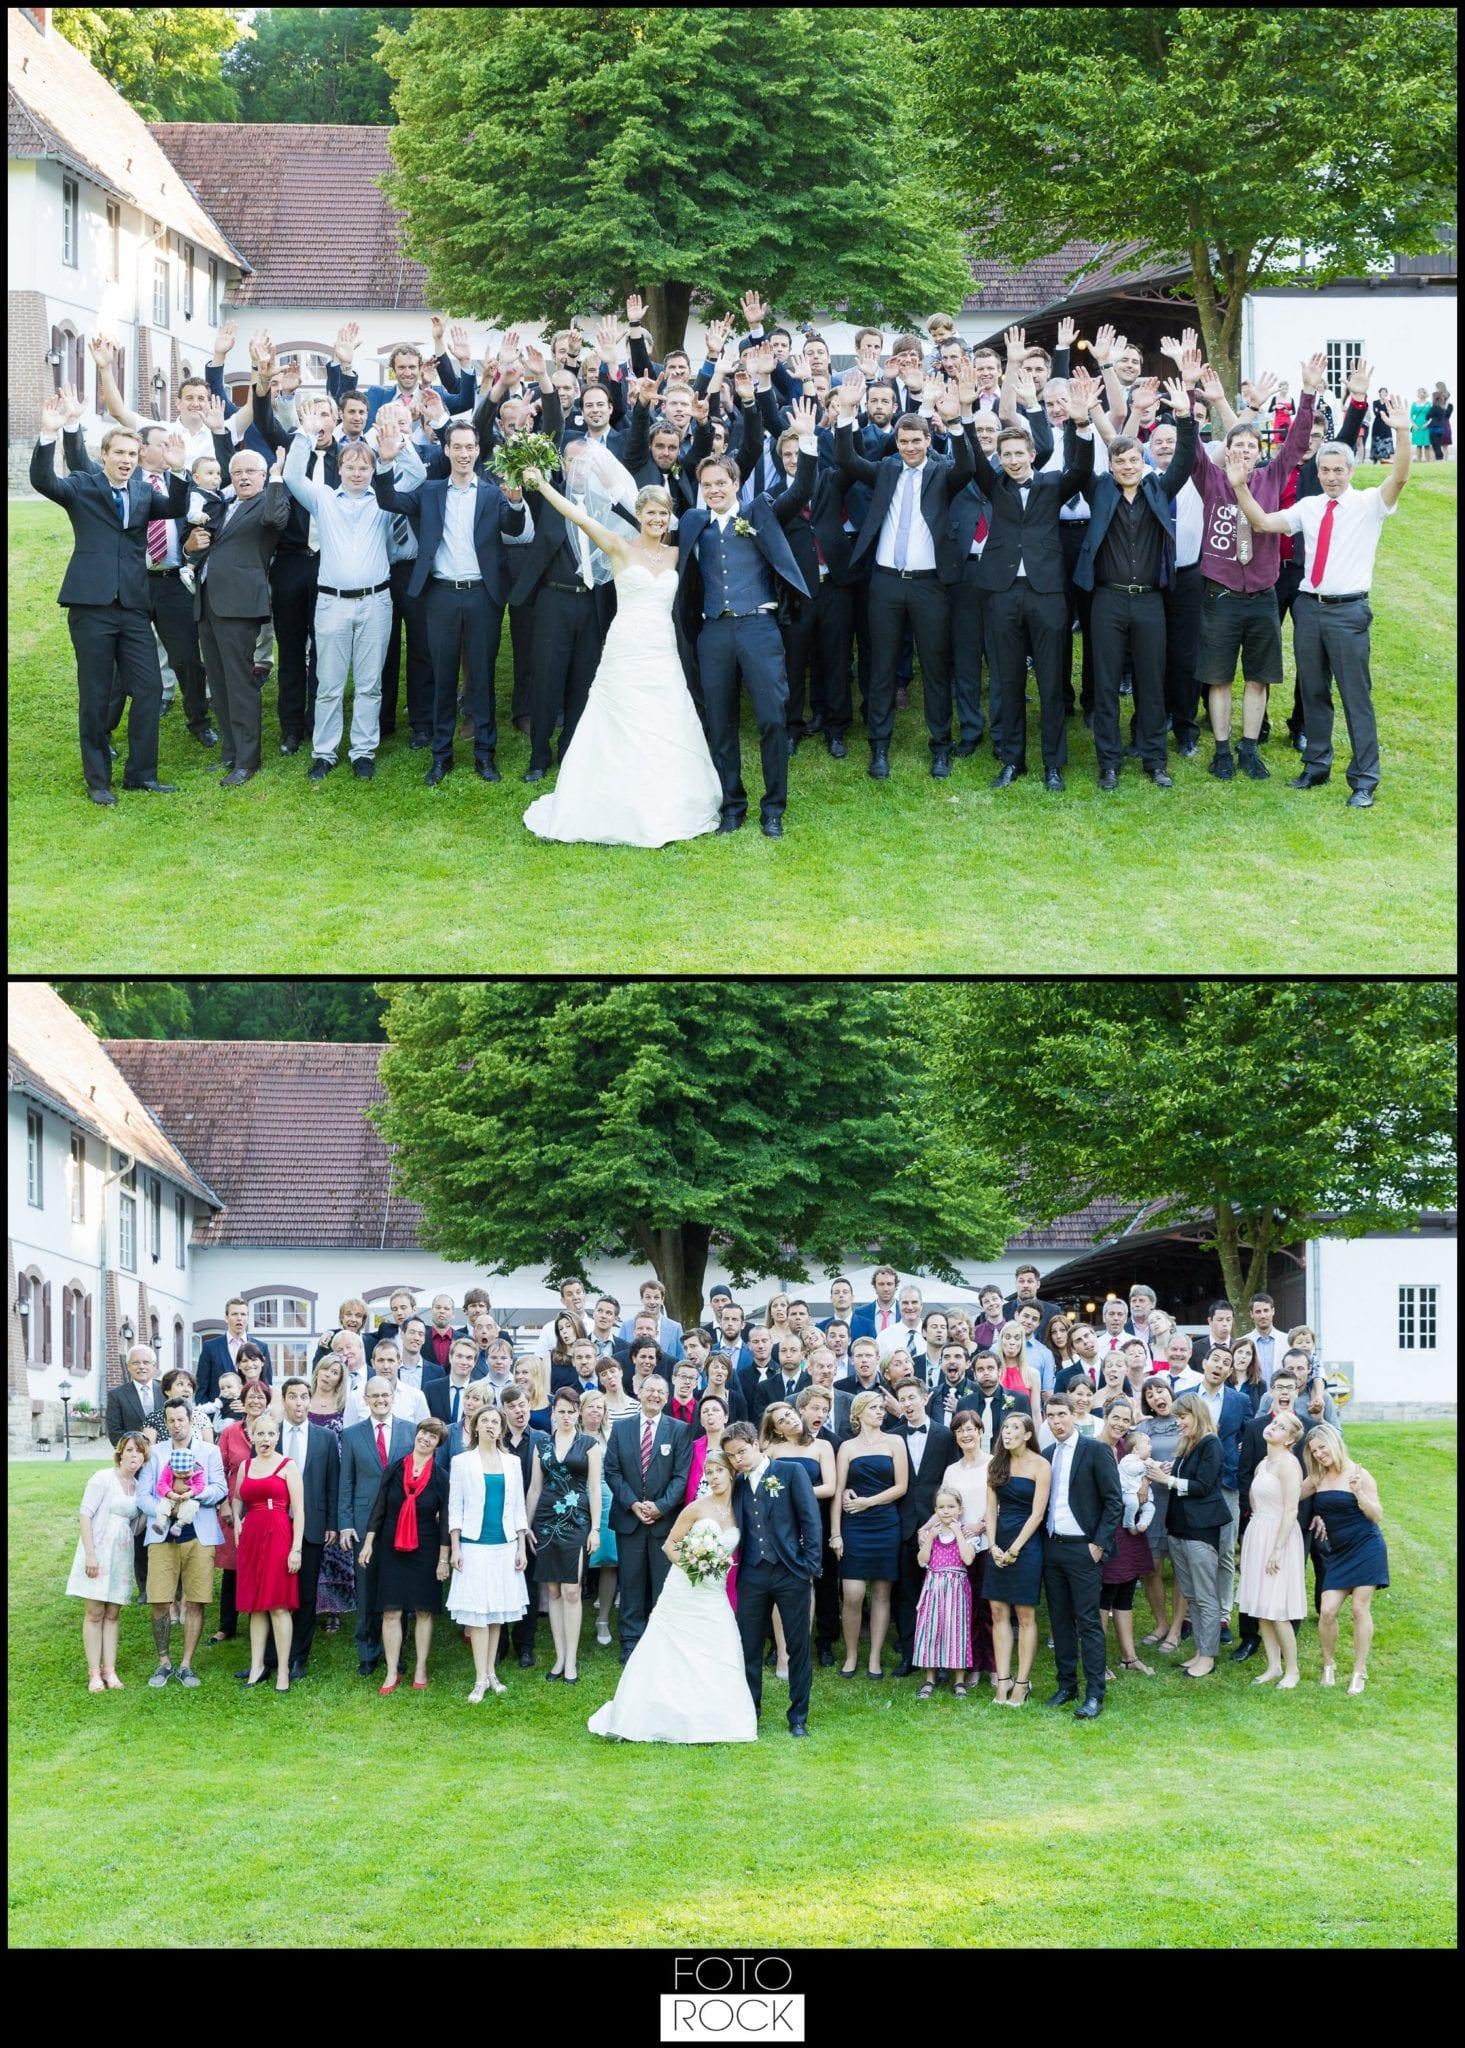 Hochzeit Lilienhof Ihringen Brautpaar Gäste Gruppenbild